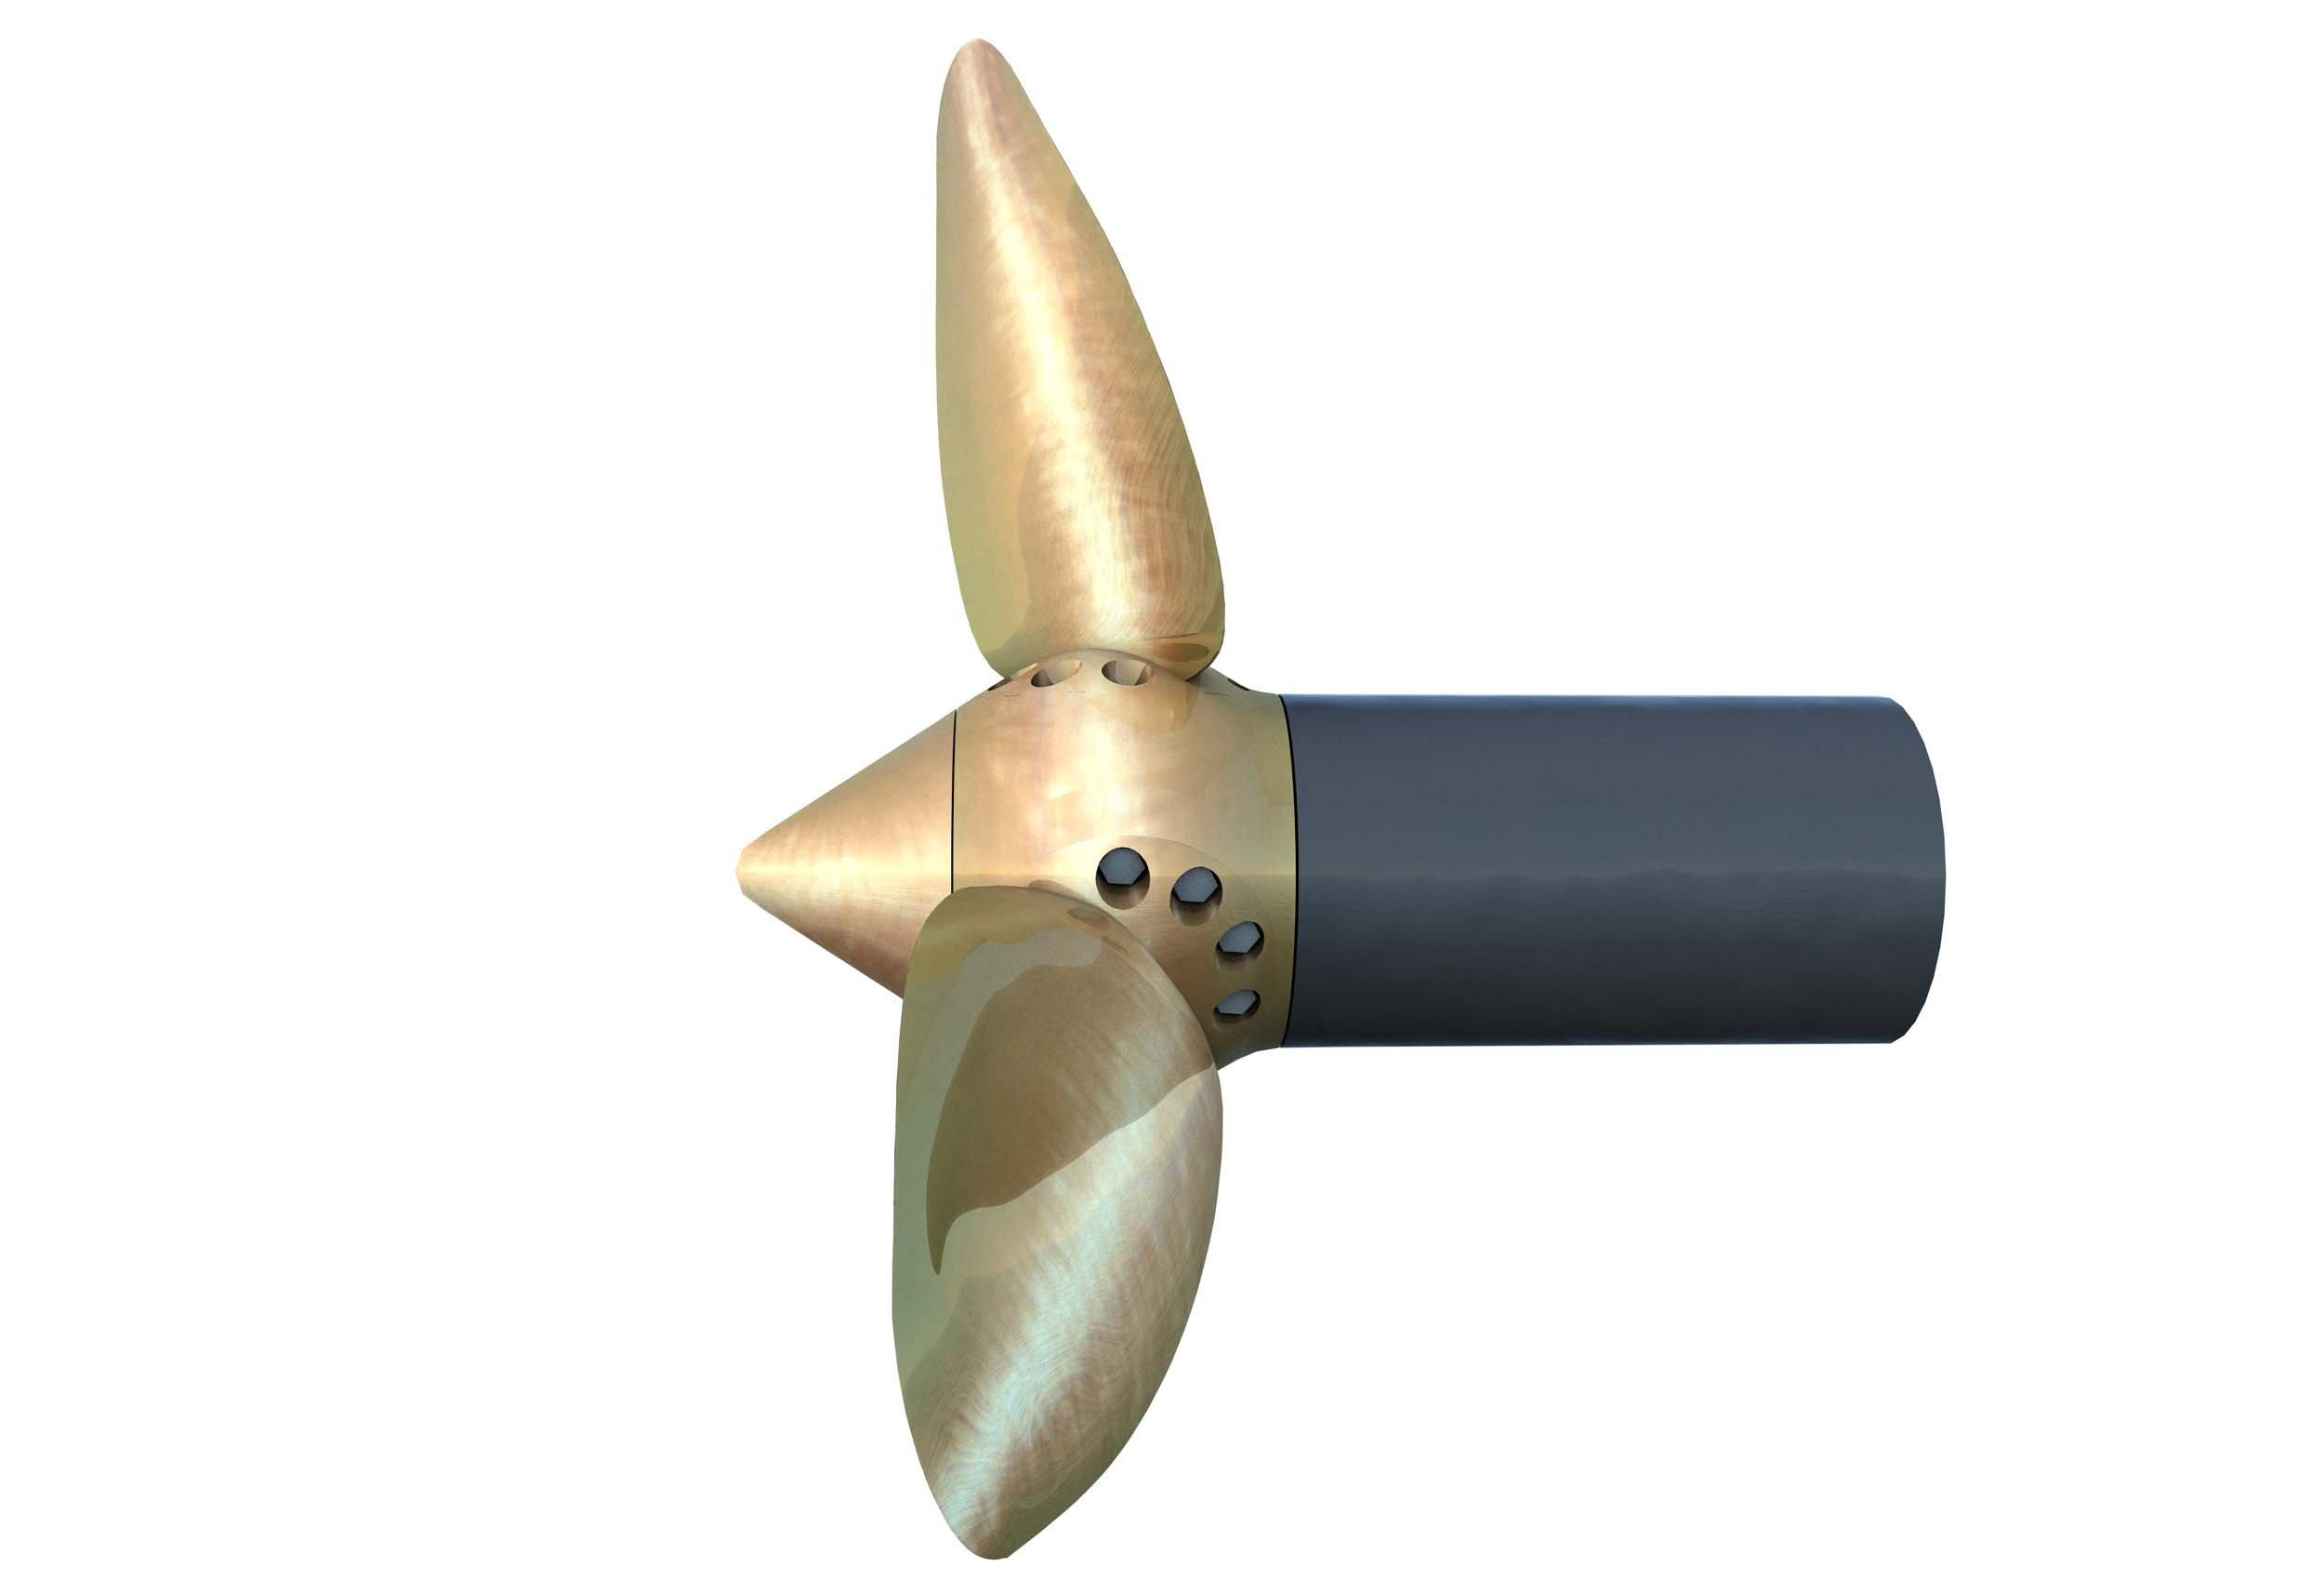 https://0901.nccdn.net/4_2/000/000/078/264/CK88-Individual-Propeller.jpg